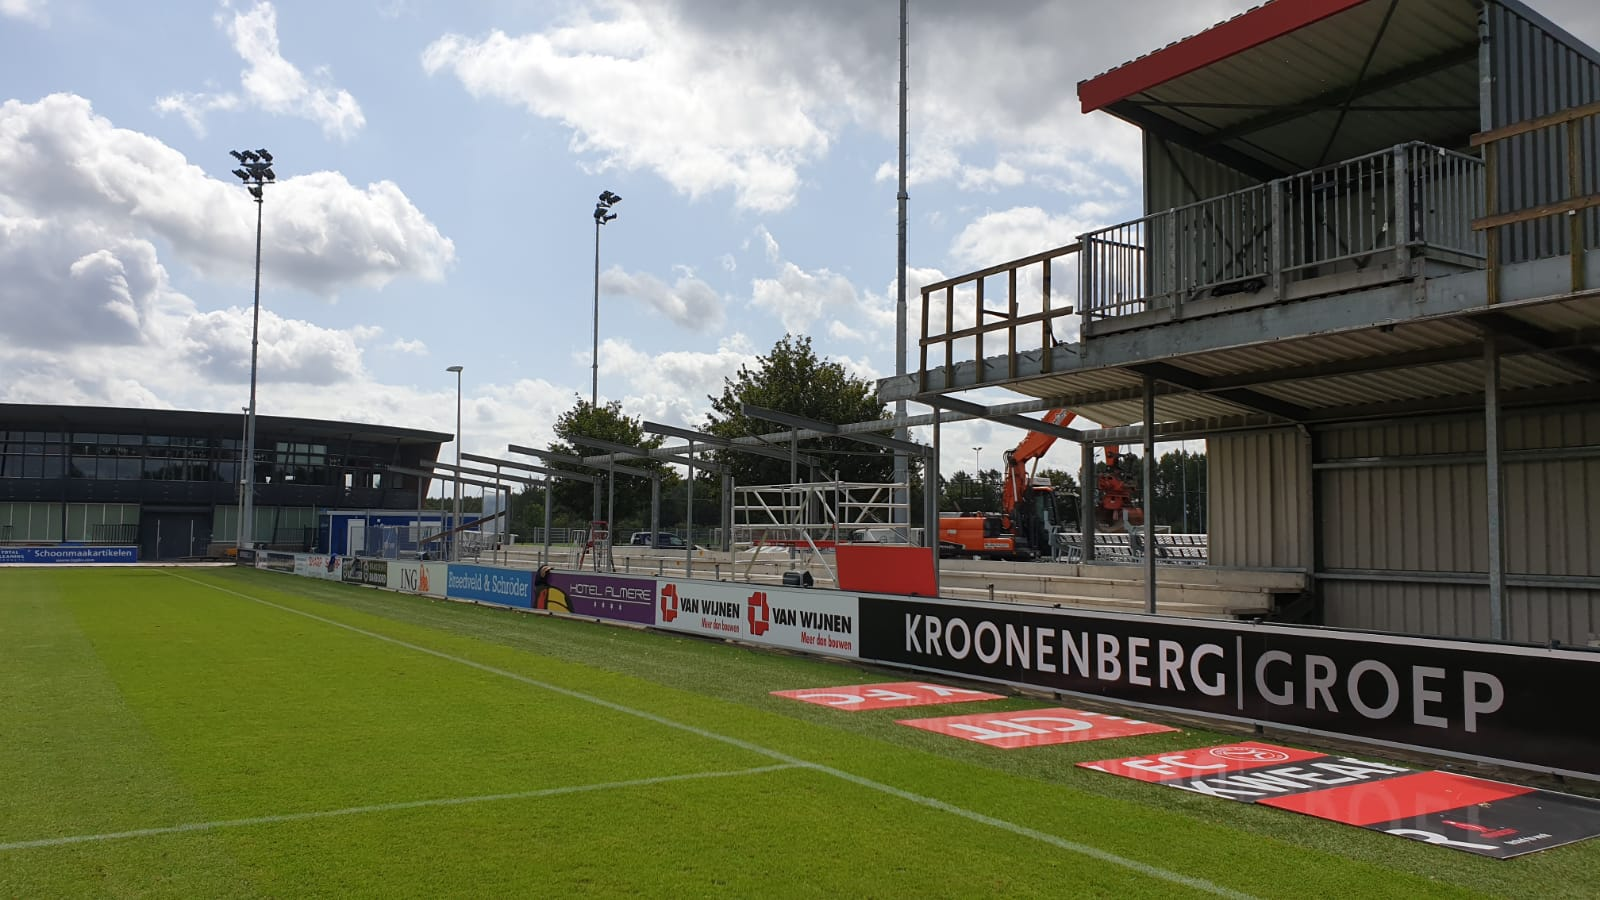 Verbouwing stadion van start gegaan met slopen E/F tribune